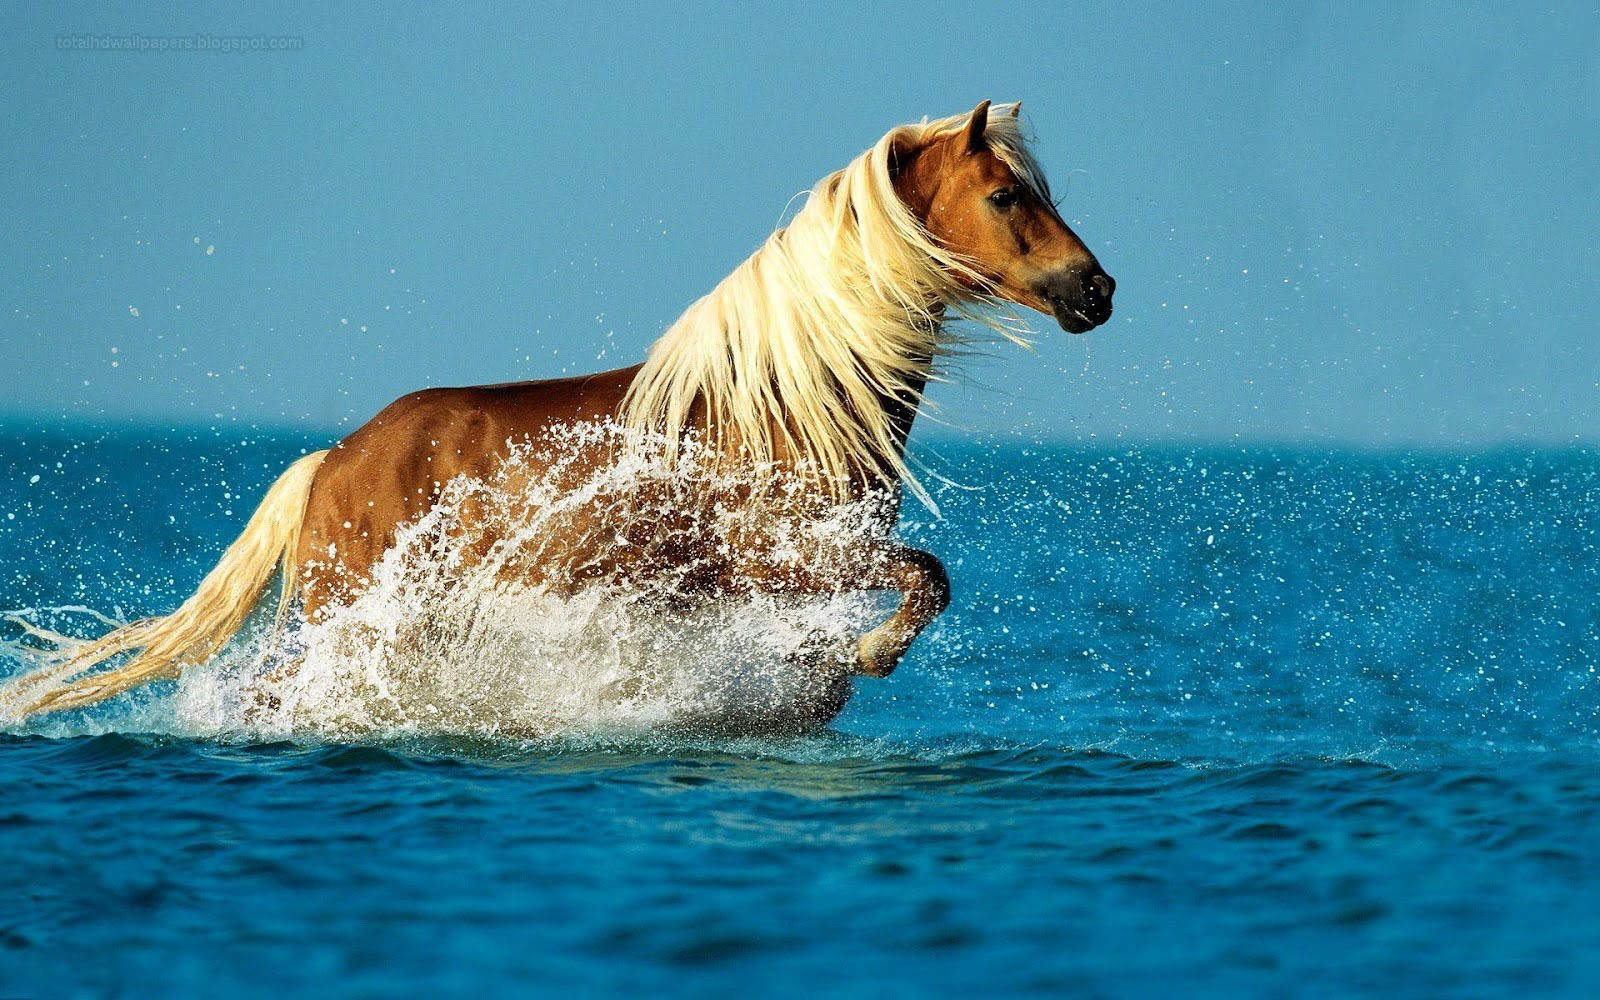 Simple Wallpaper Horse Beach - 98ee1a1e2df55076dc709e330ba8553a  Image_64145.jpg